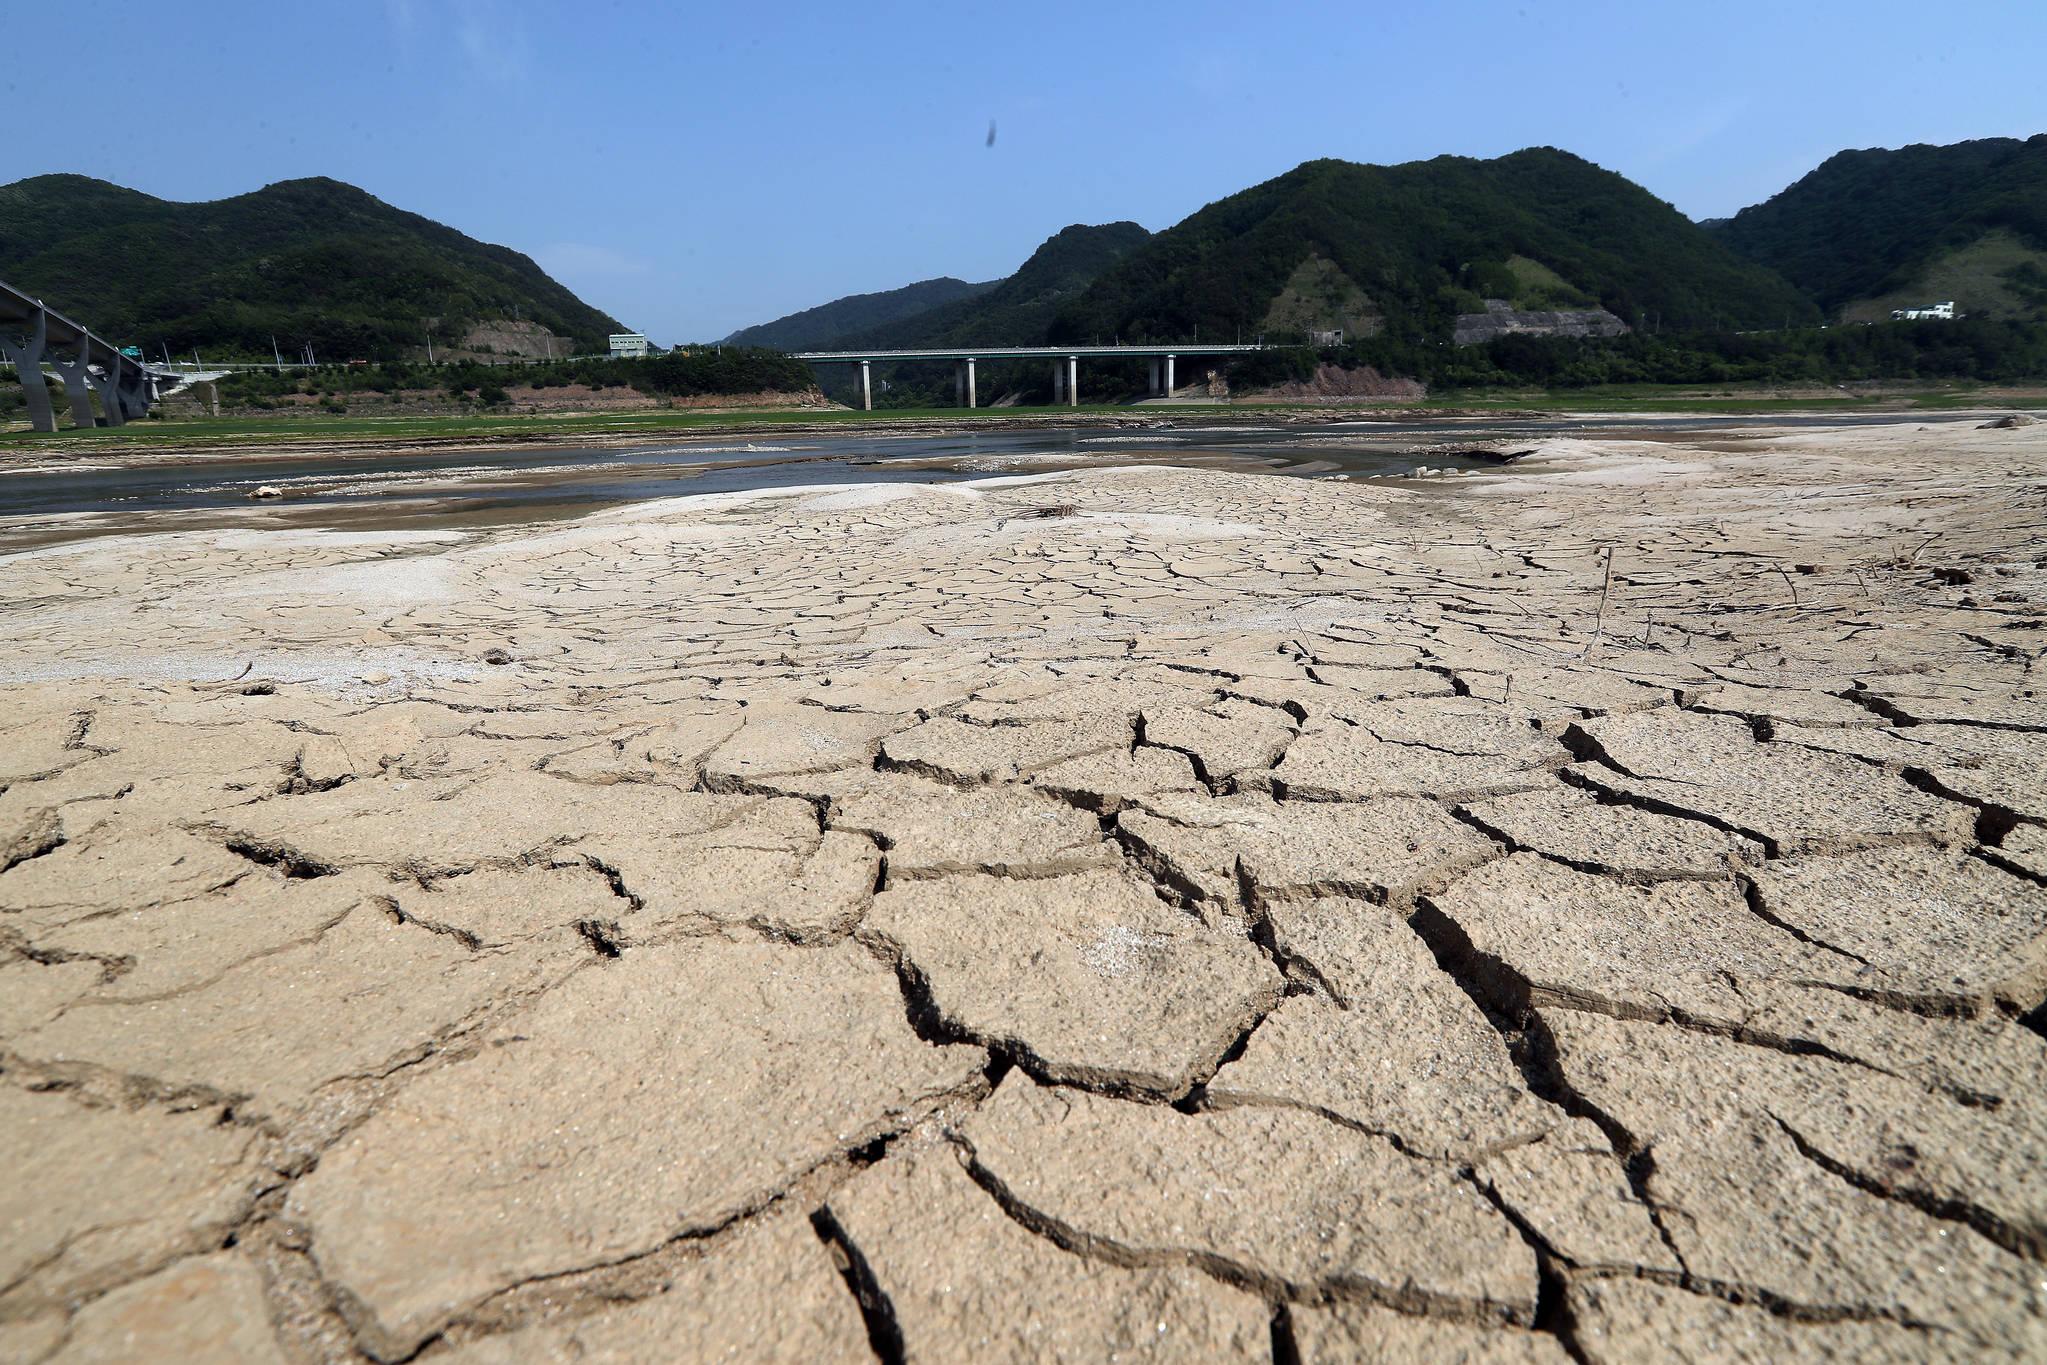 28일 소양강 상류인 강원도 인제군 38대교 인근이 가뭄으로 메말라 있다. 기상청은 강원지역 올해 1월부터 현재까지의 누적 강수량이 1973년 이래 최저치를 기록했다고 밝혔다. 우상조 기자